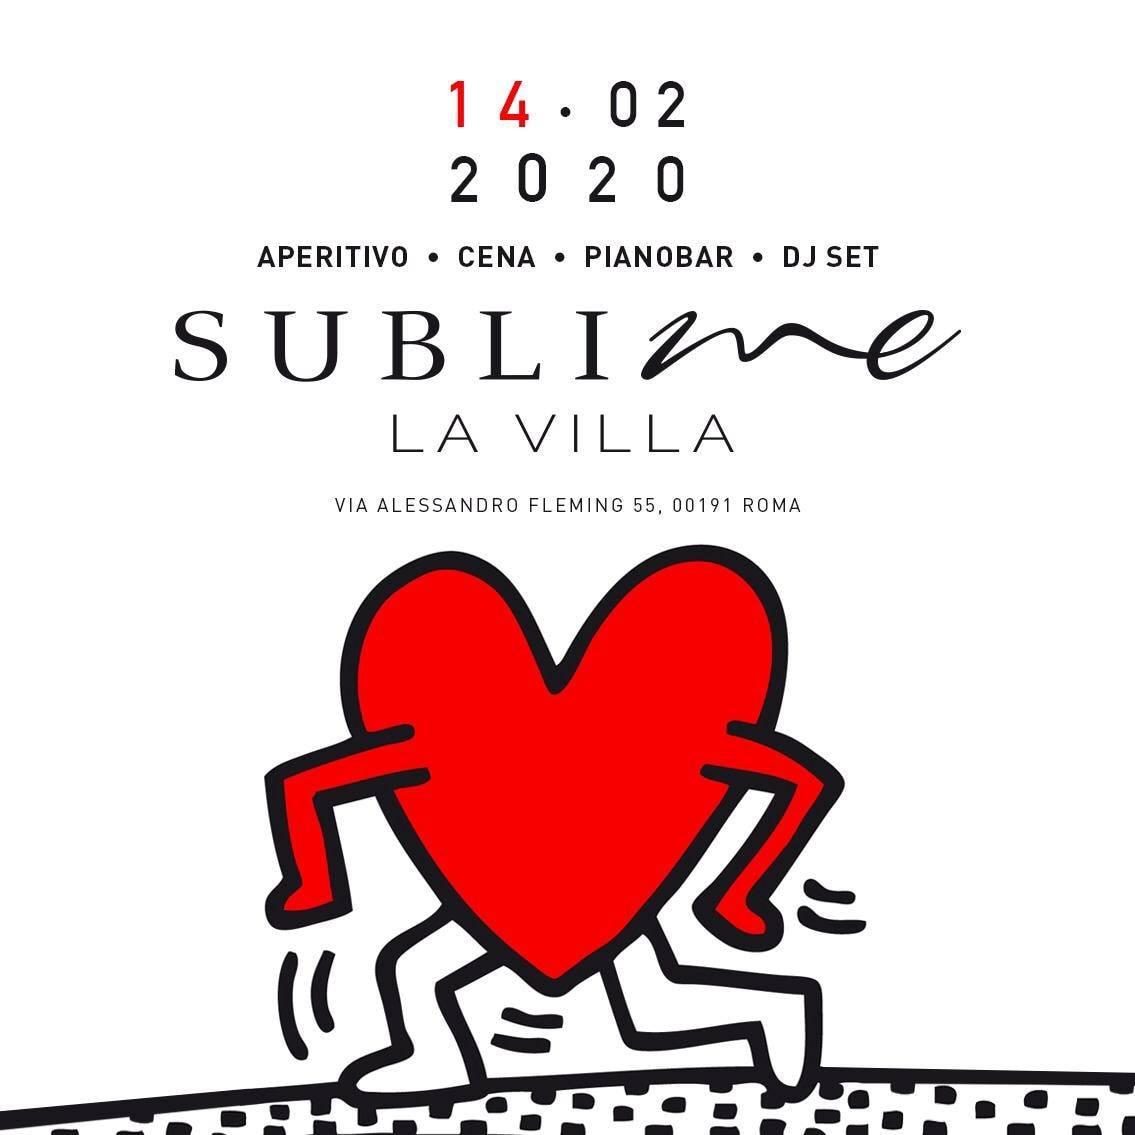 Sublime La Villa venerdì 14 Febbraio: Aperitivo Che Canta e Discoteca